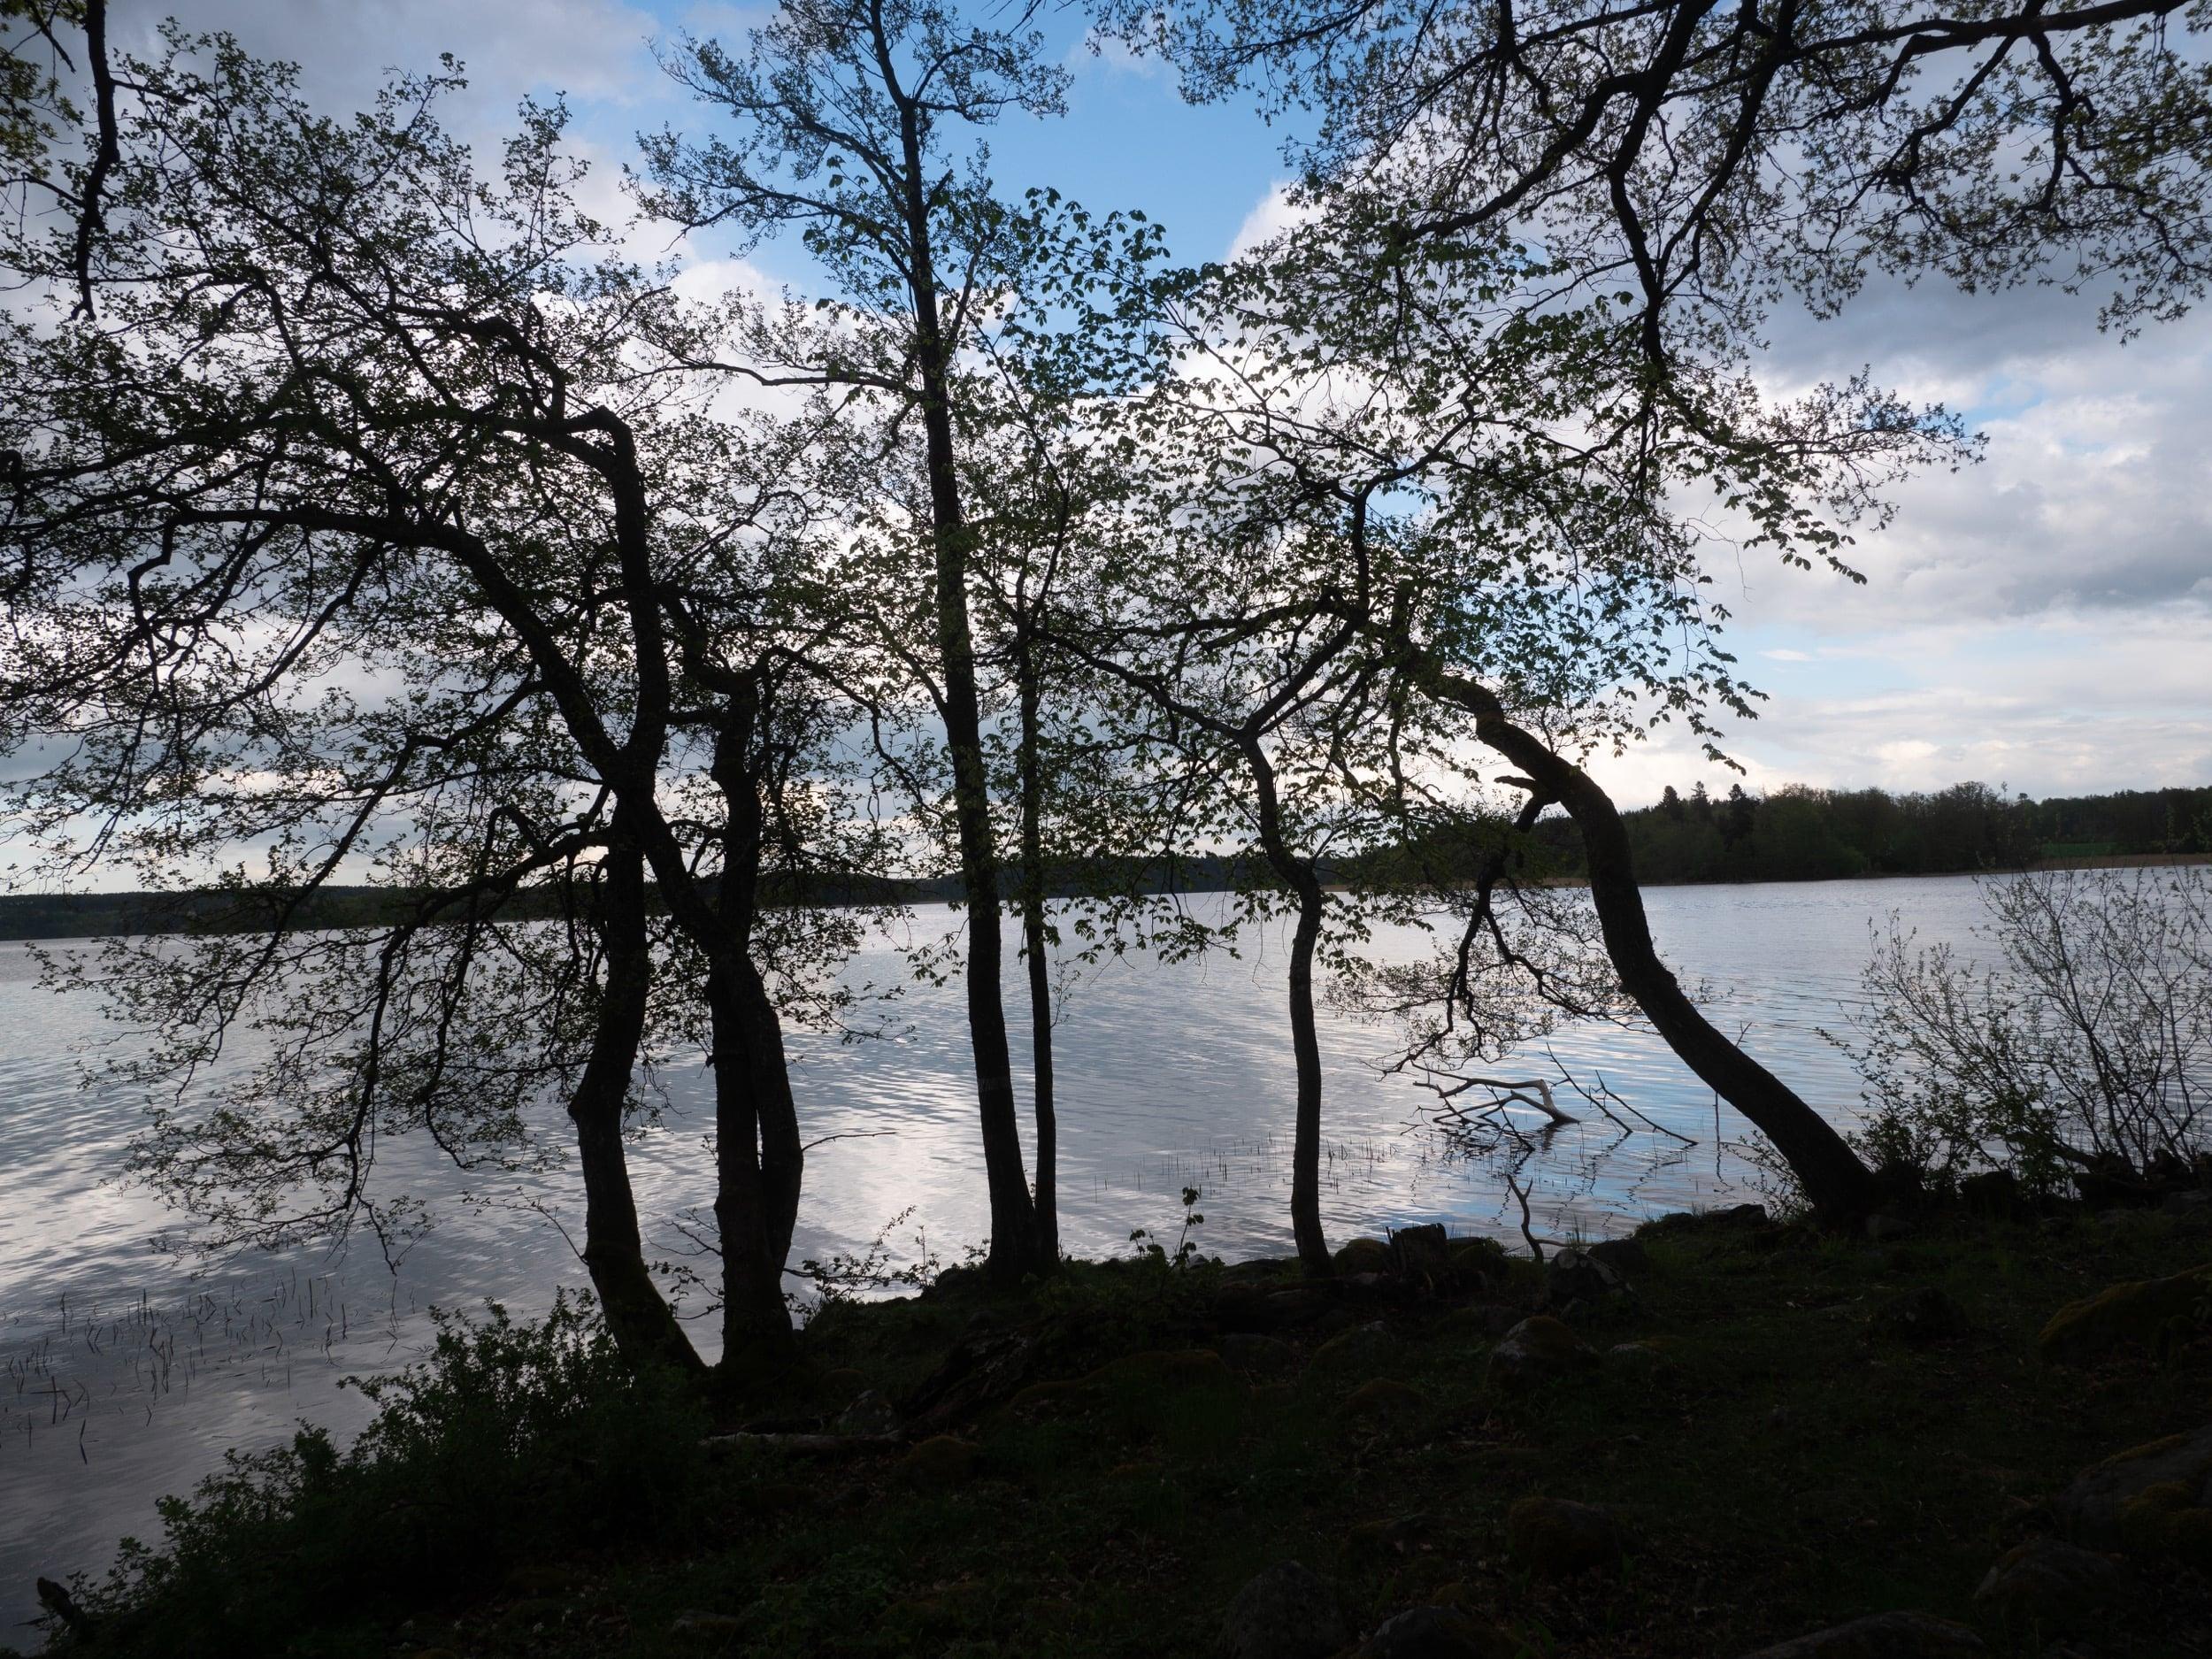 Nybylund utsikt över vattnet